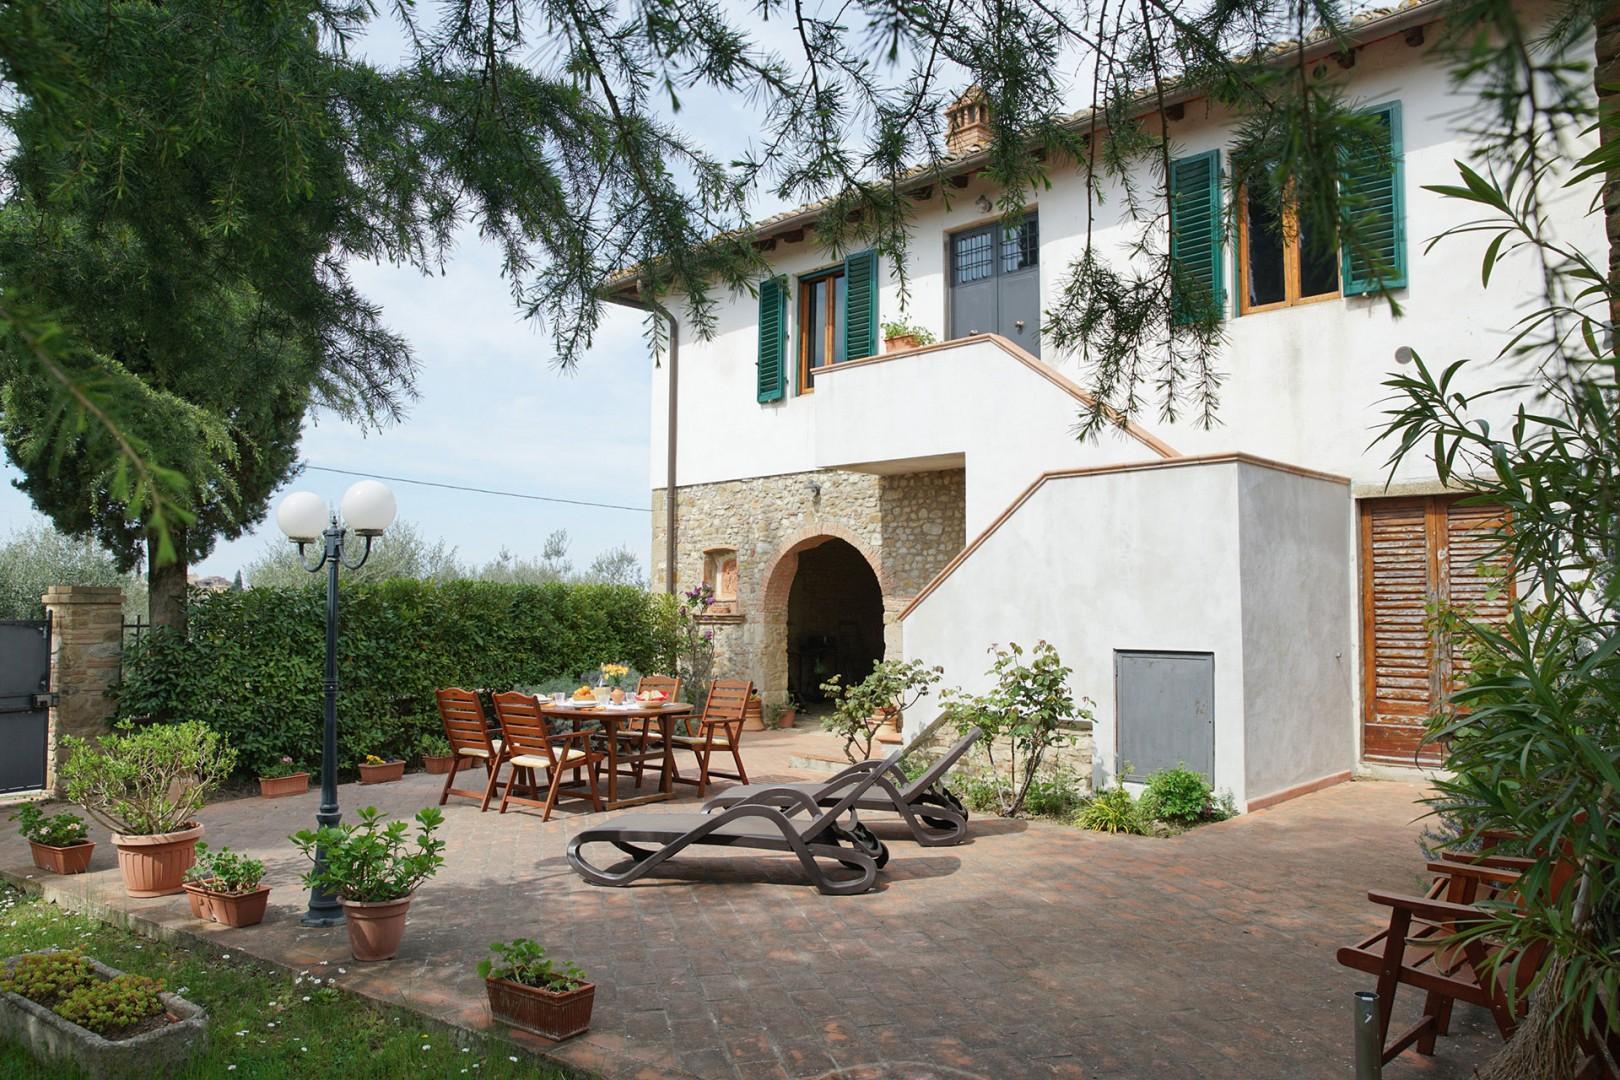 Casa San Vito is a gracious restored Tuscan farmhouse.